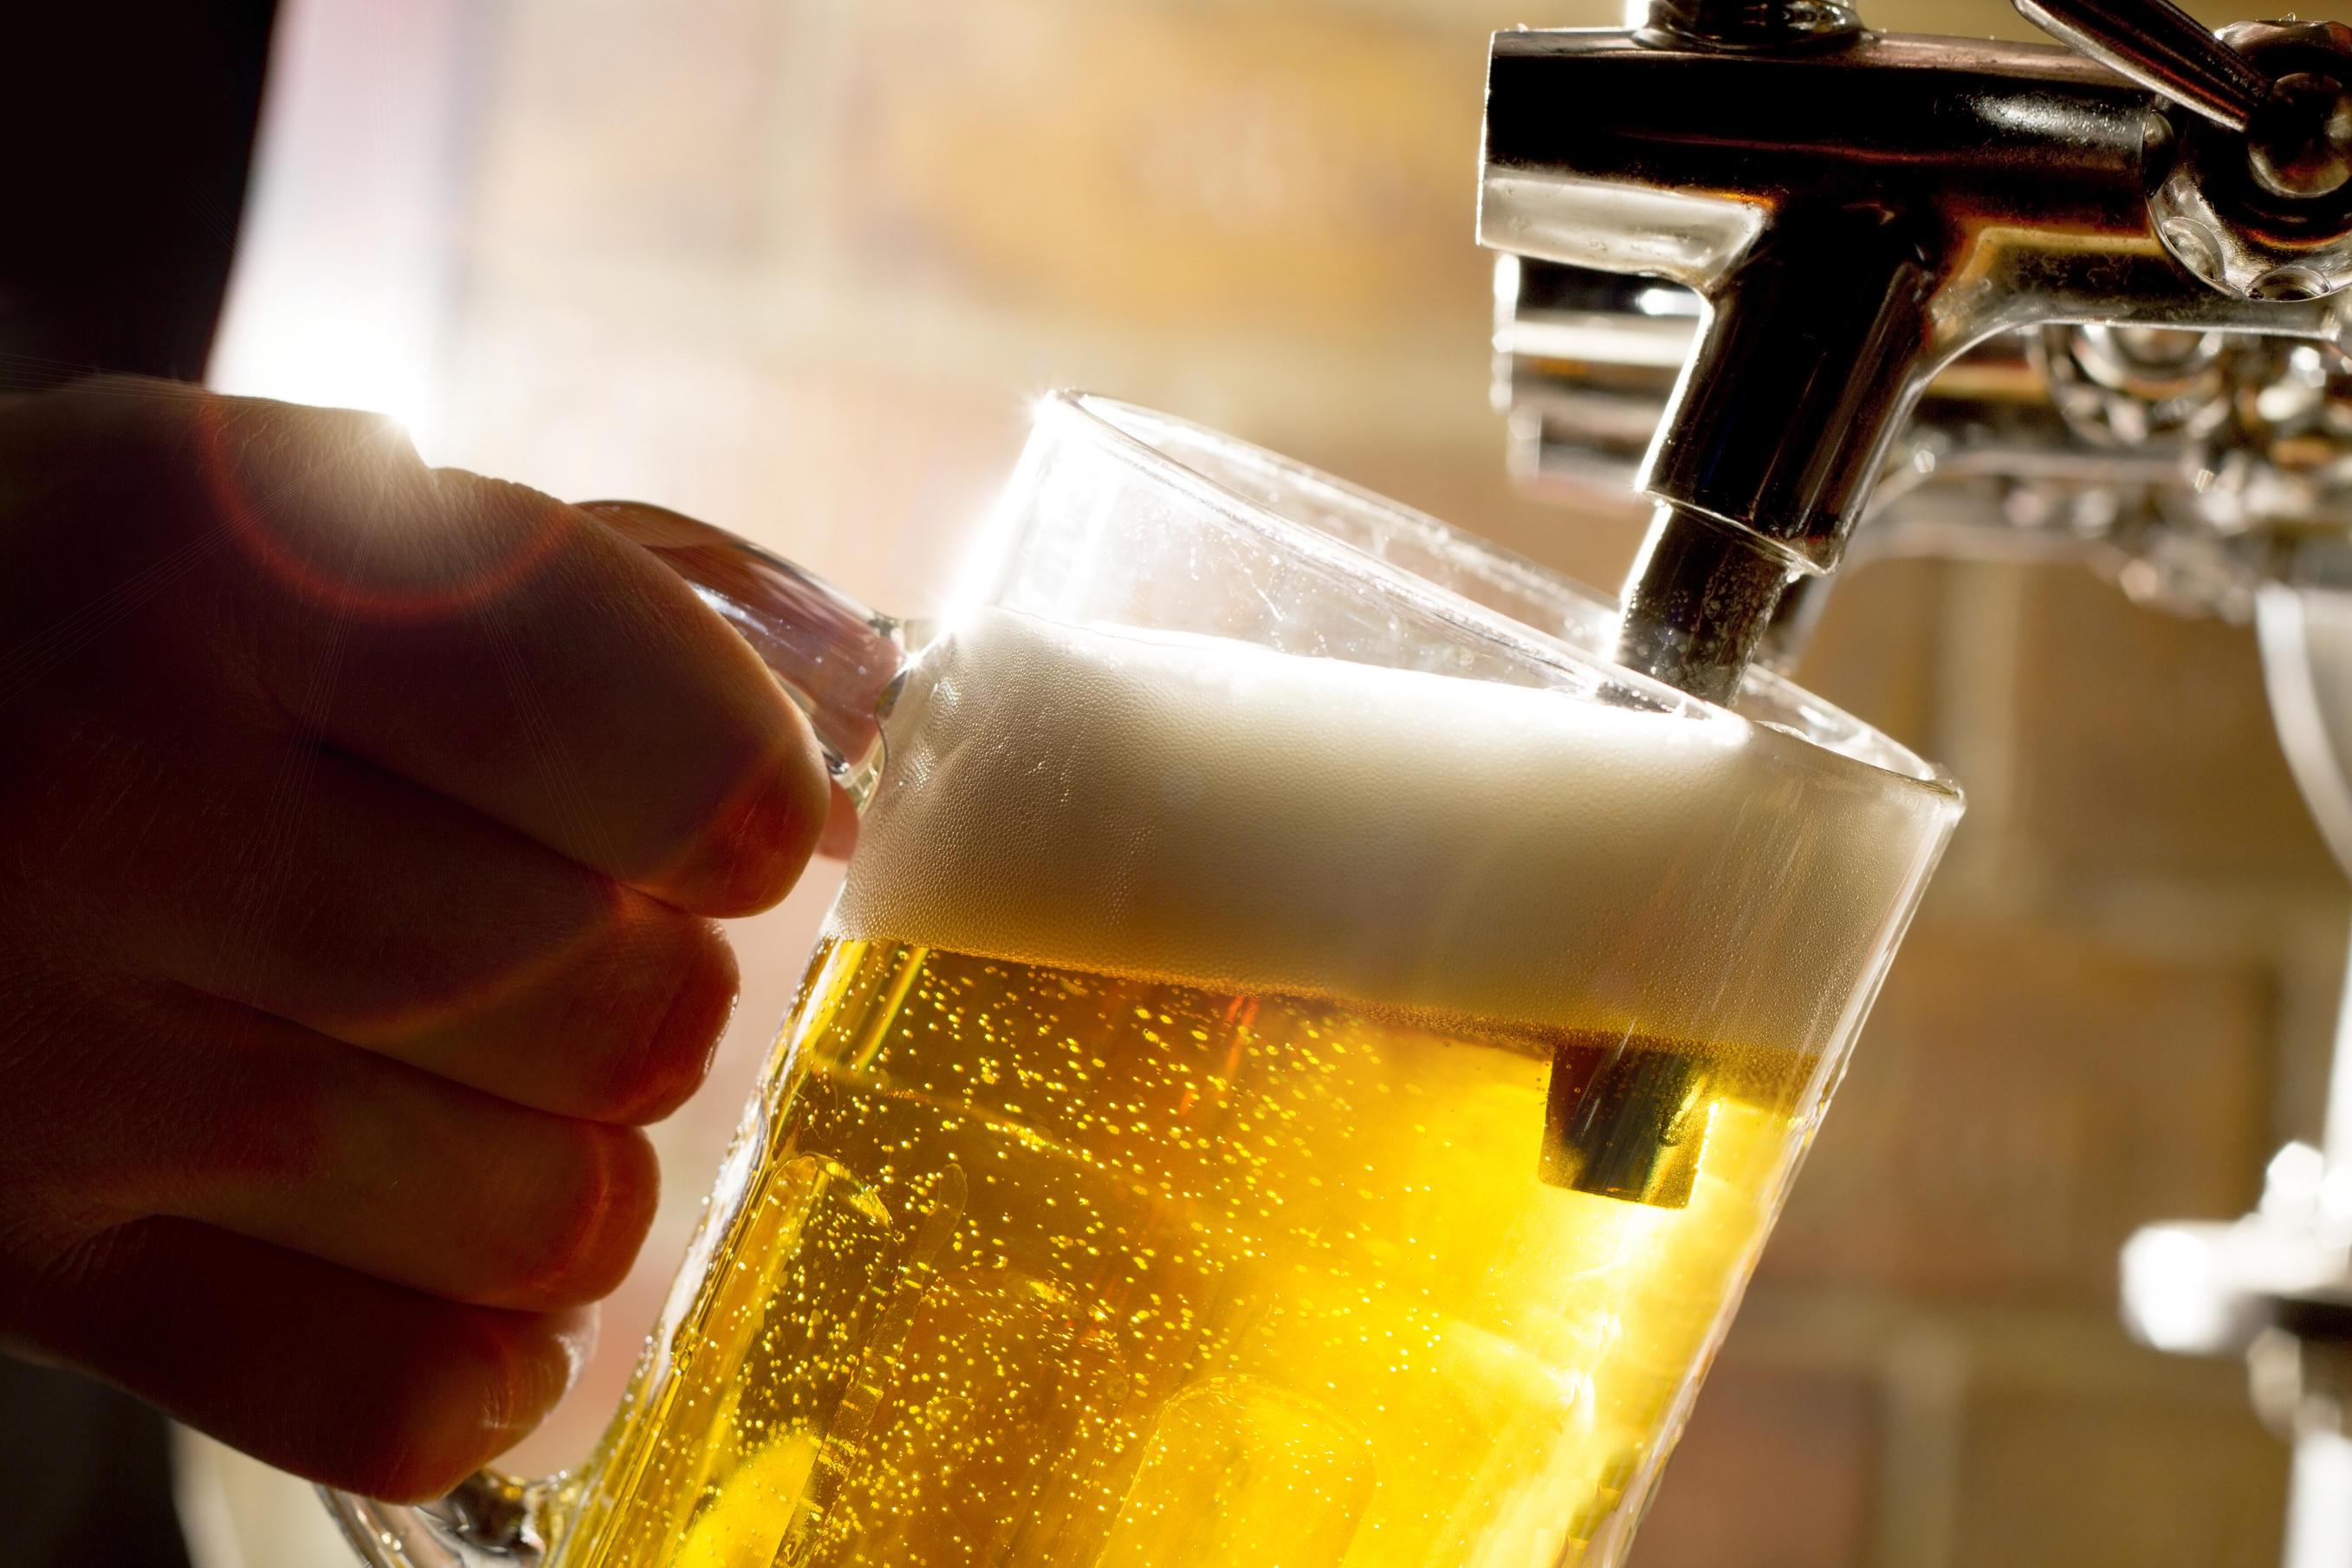 100 world of beer drink it interns a tech firm is seeking u